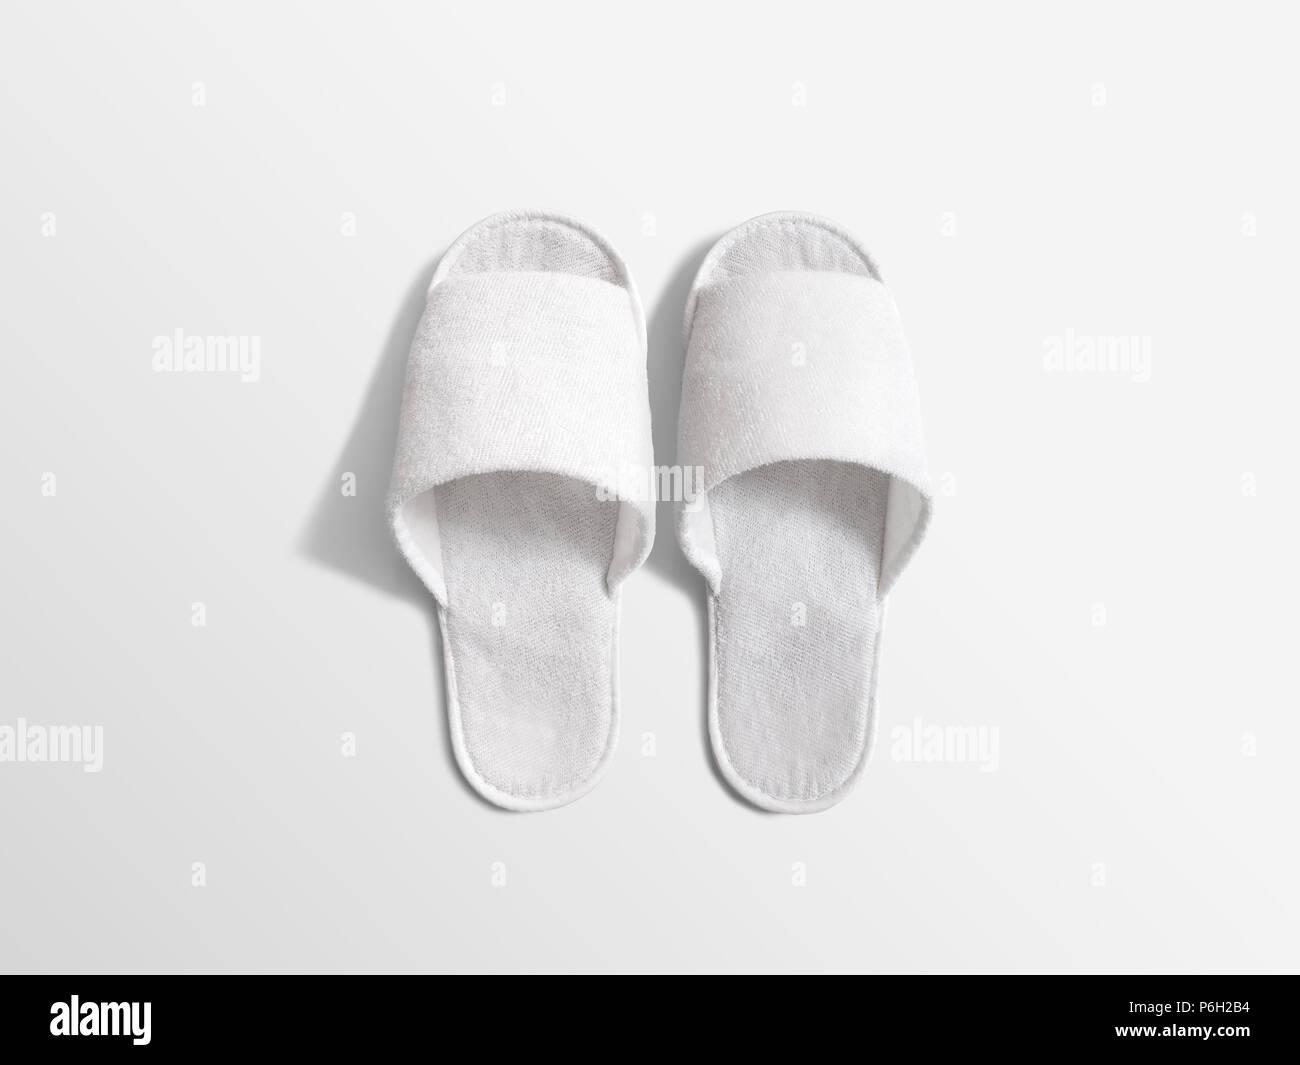 Pair of blank white home slippers, design mockup  House plain flops